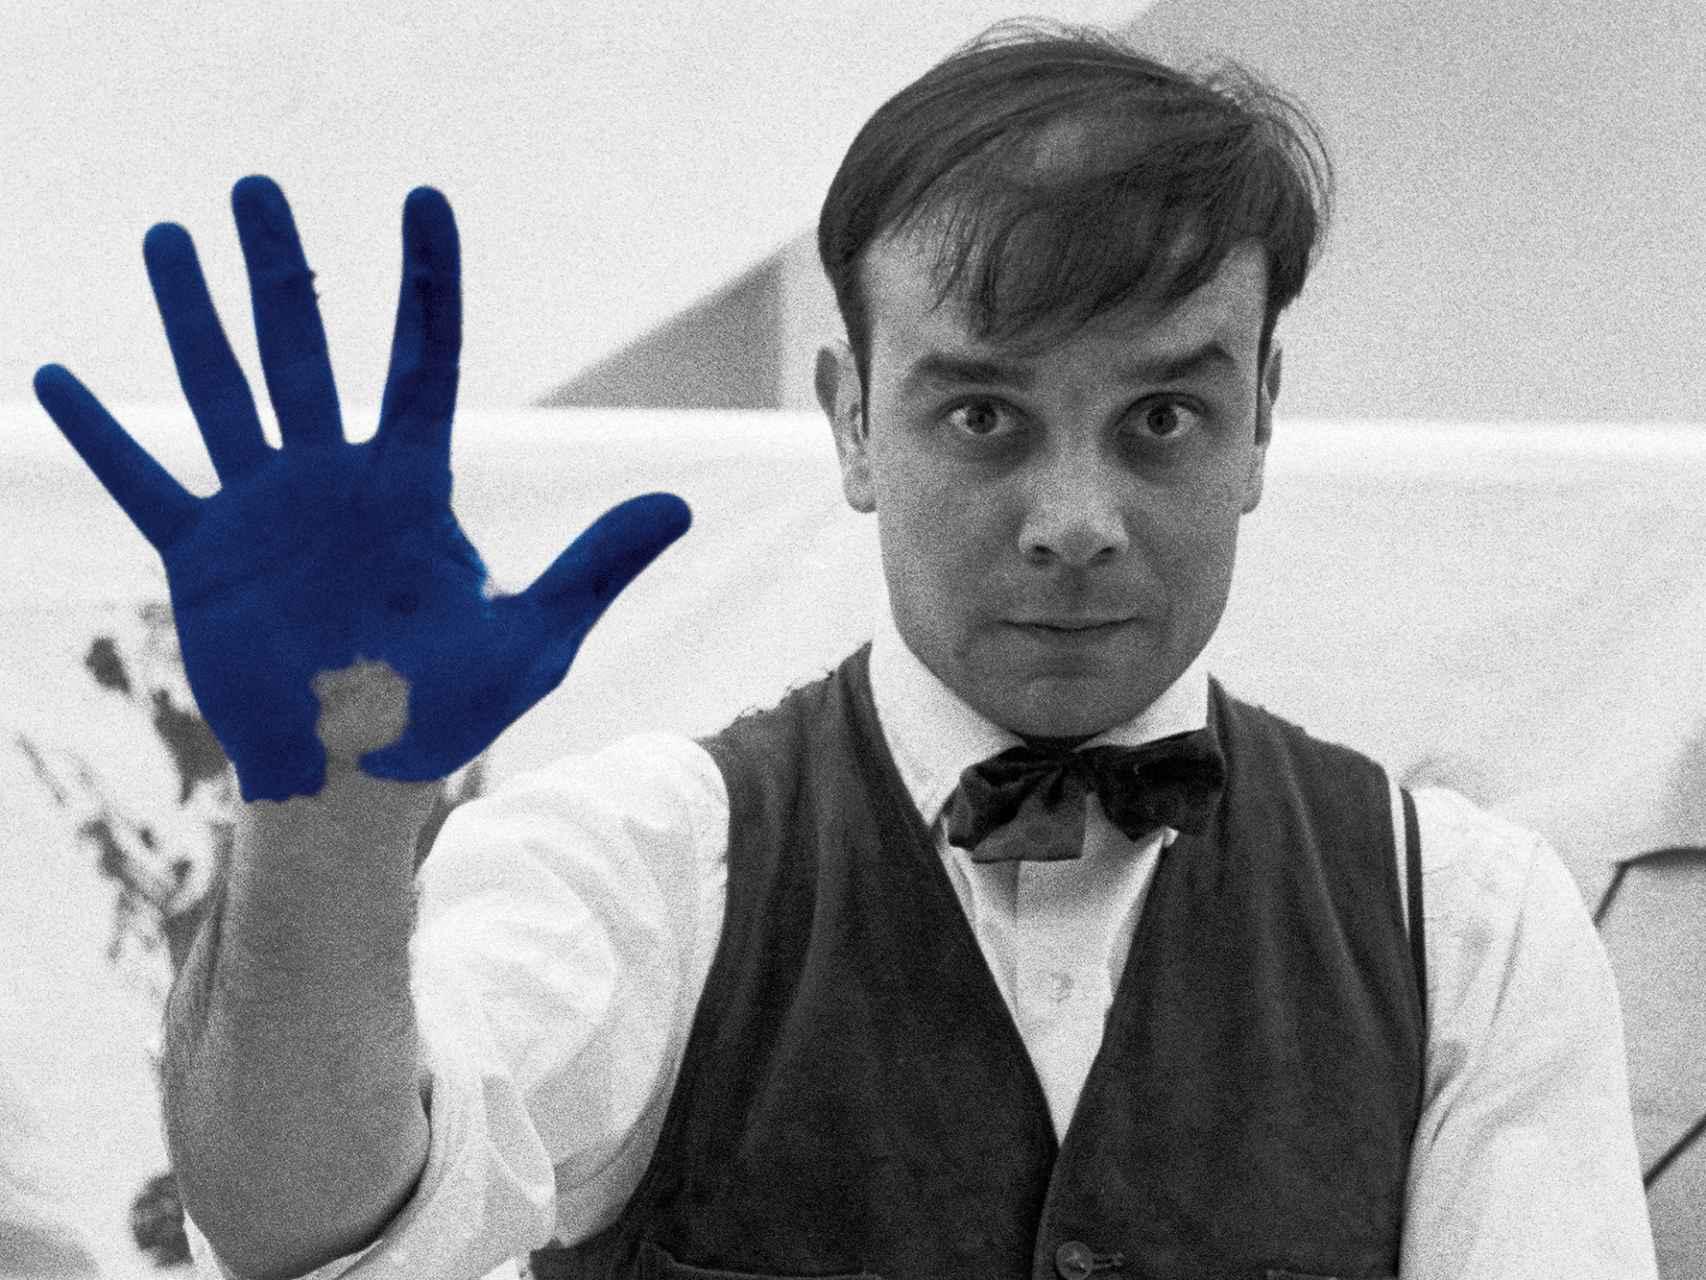 Yves Klein cubriendo su piel con el color al que dio nombre.